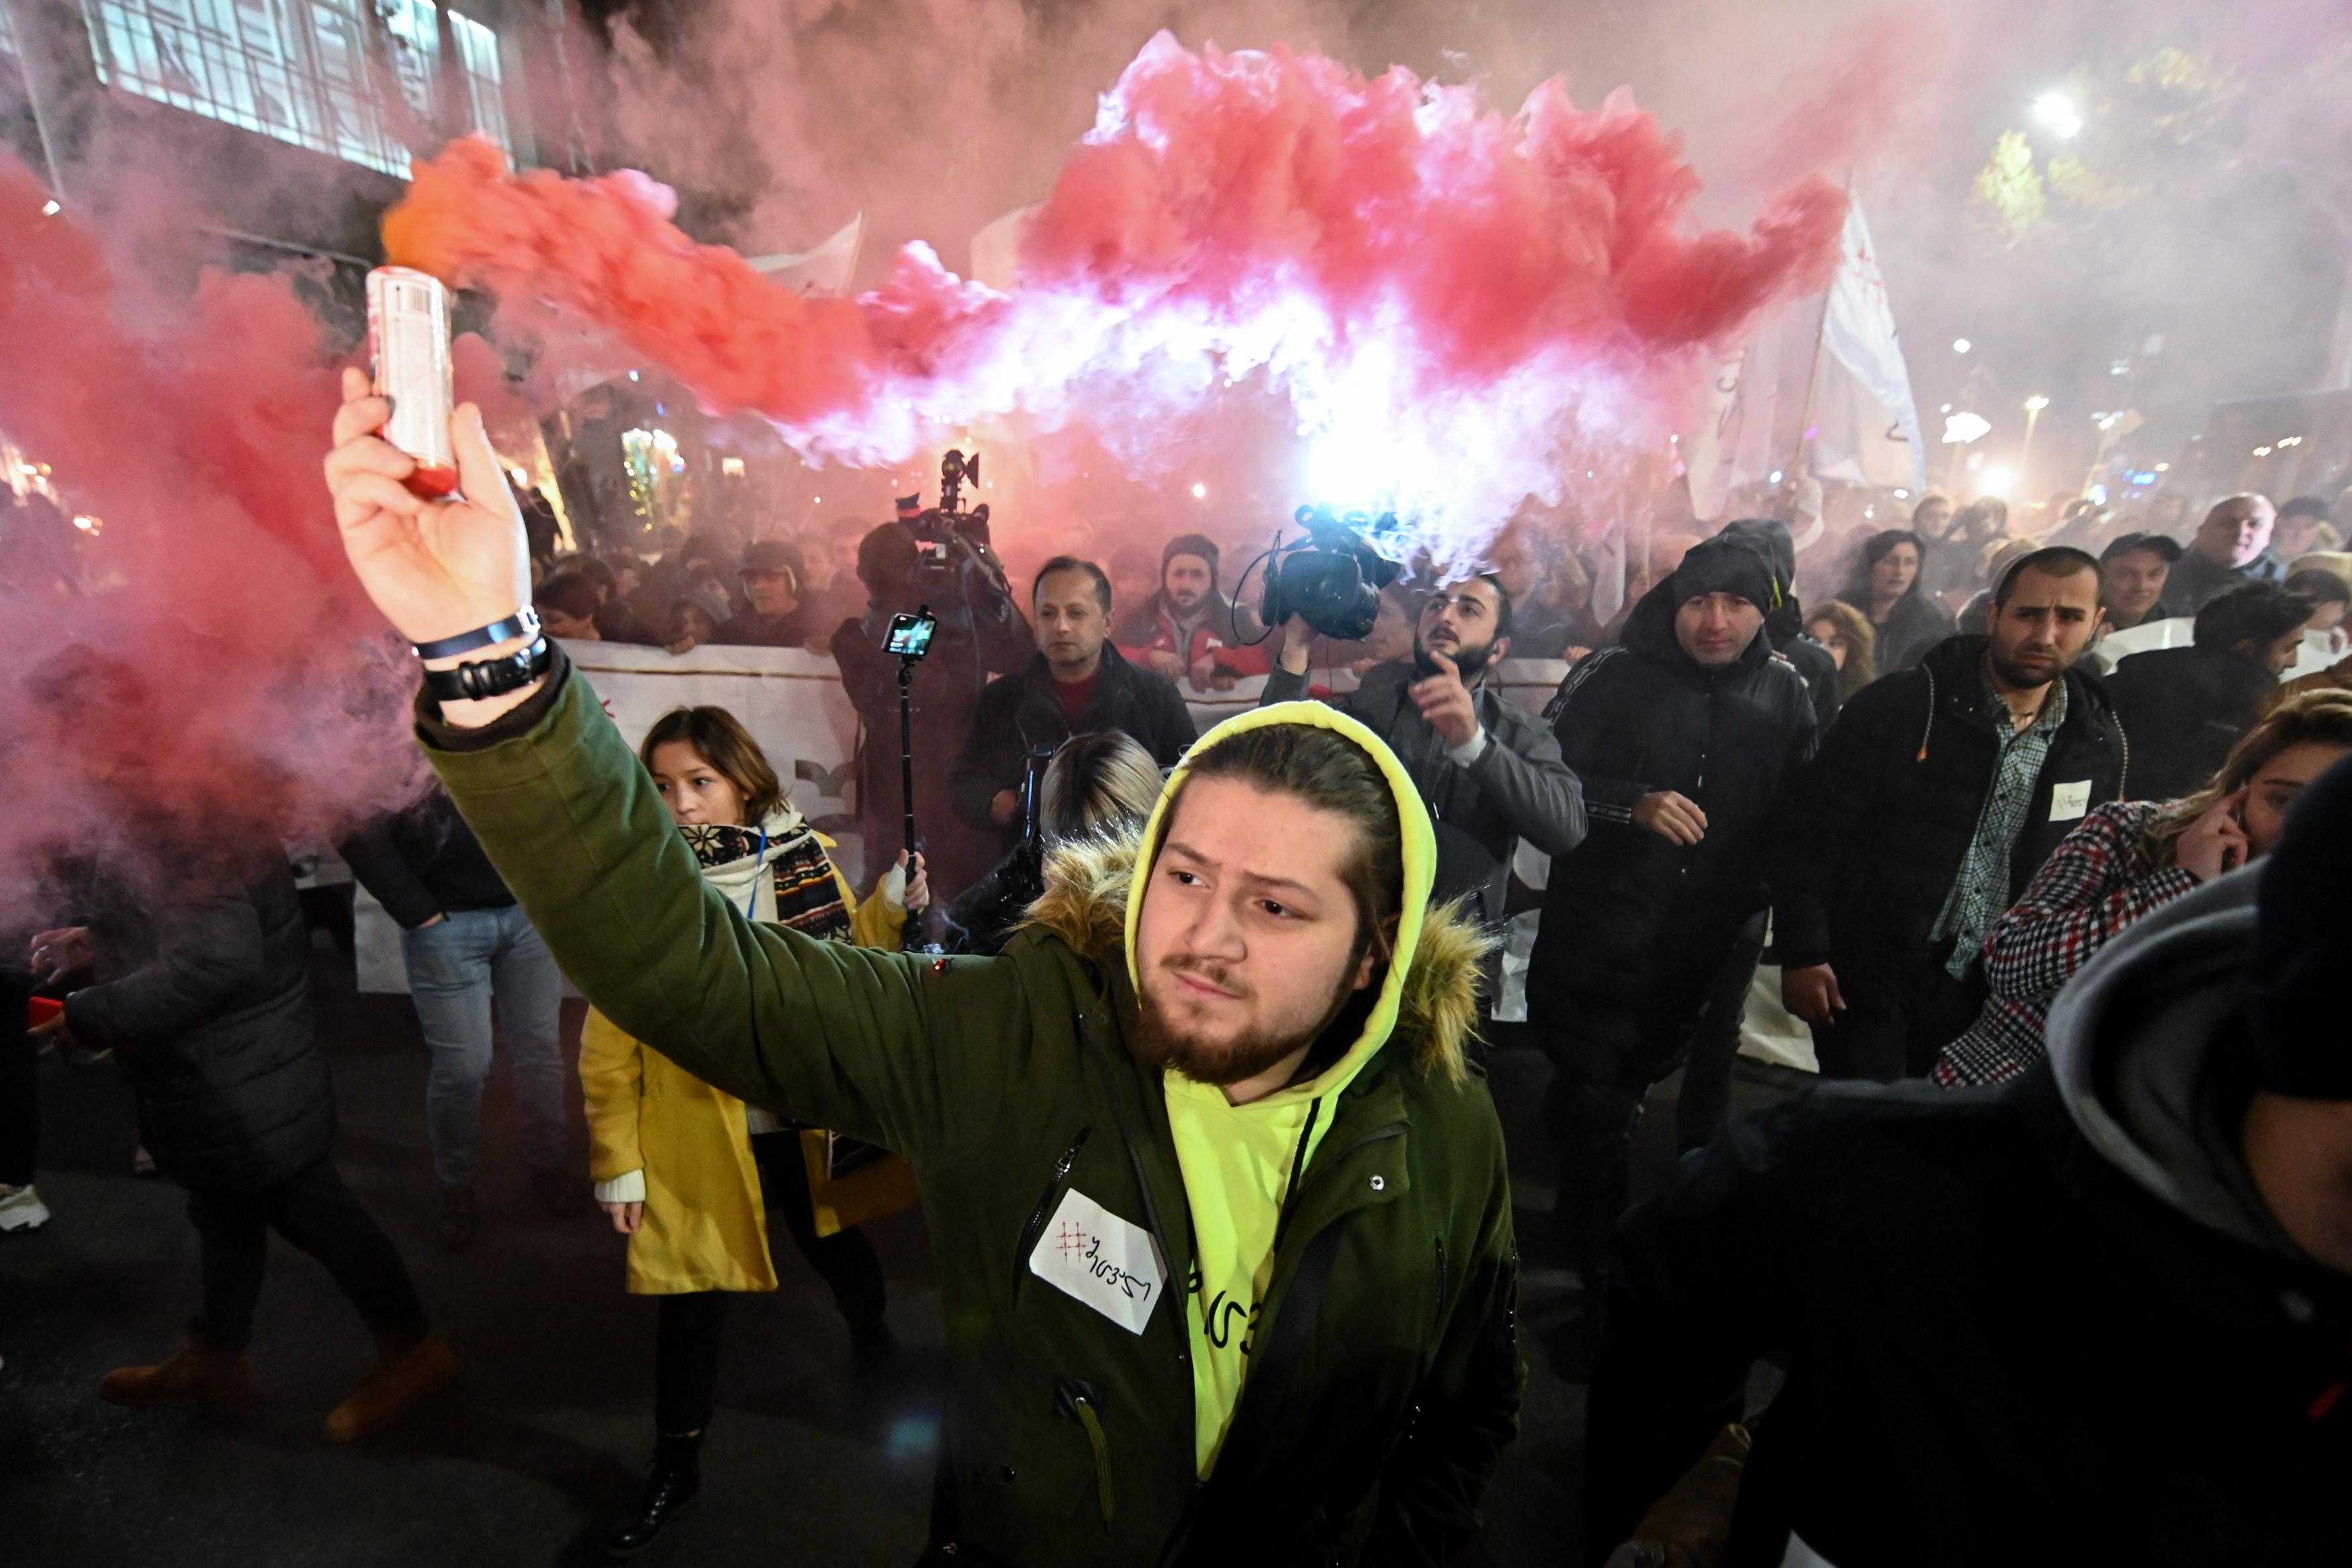 Vízágyúval oszlatták a tüntetőket a fagyban Tbilisziben